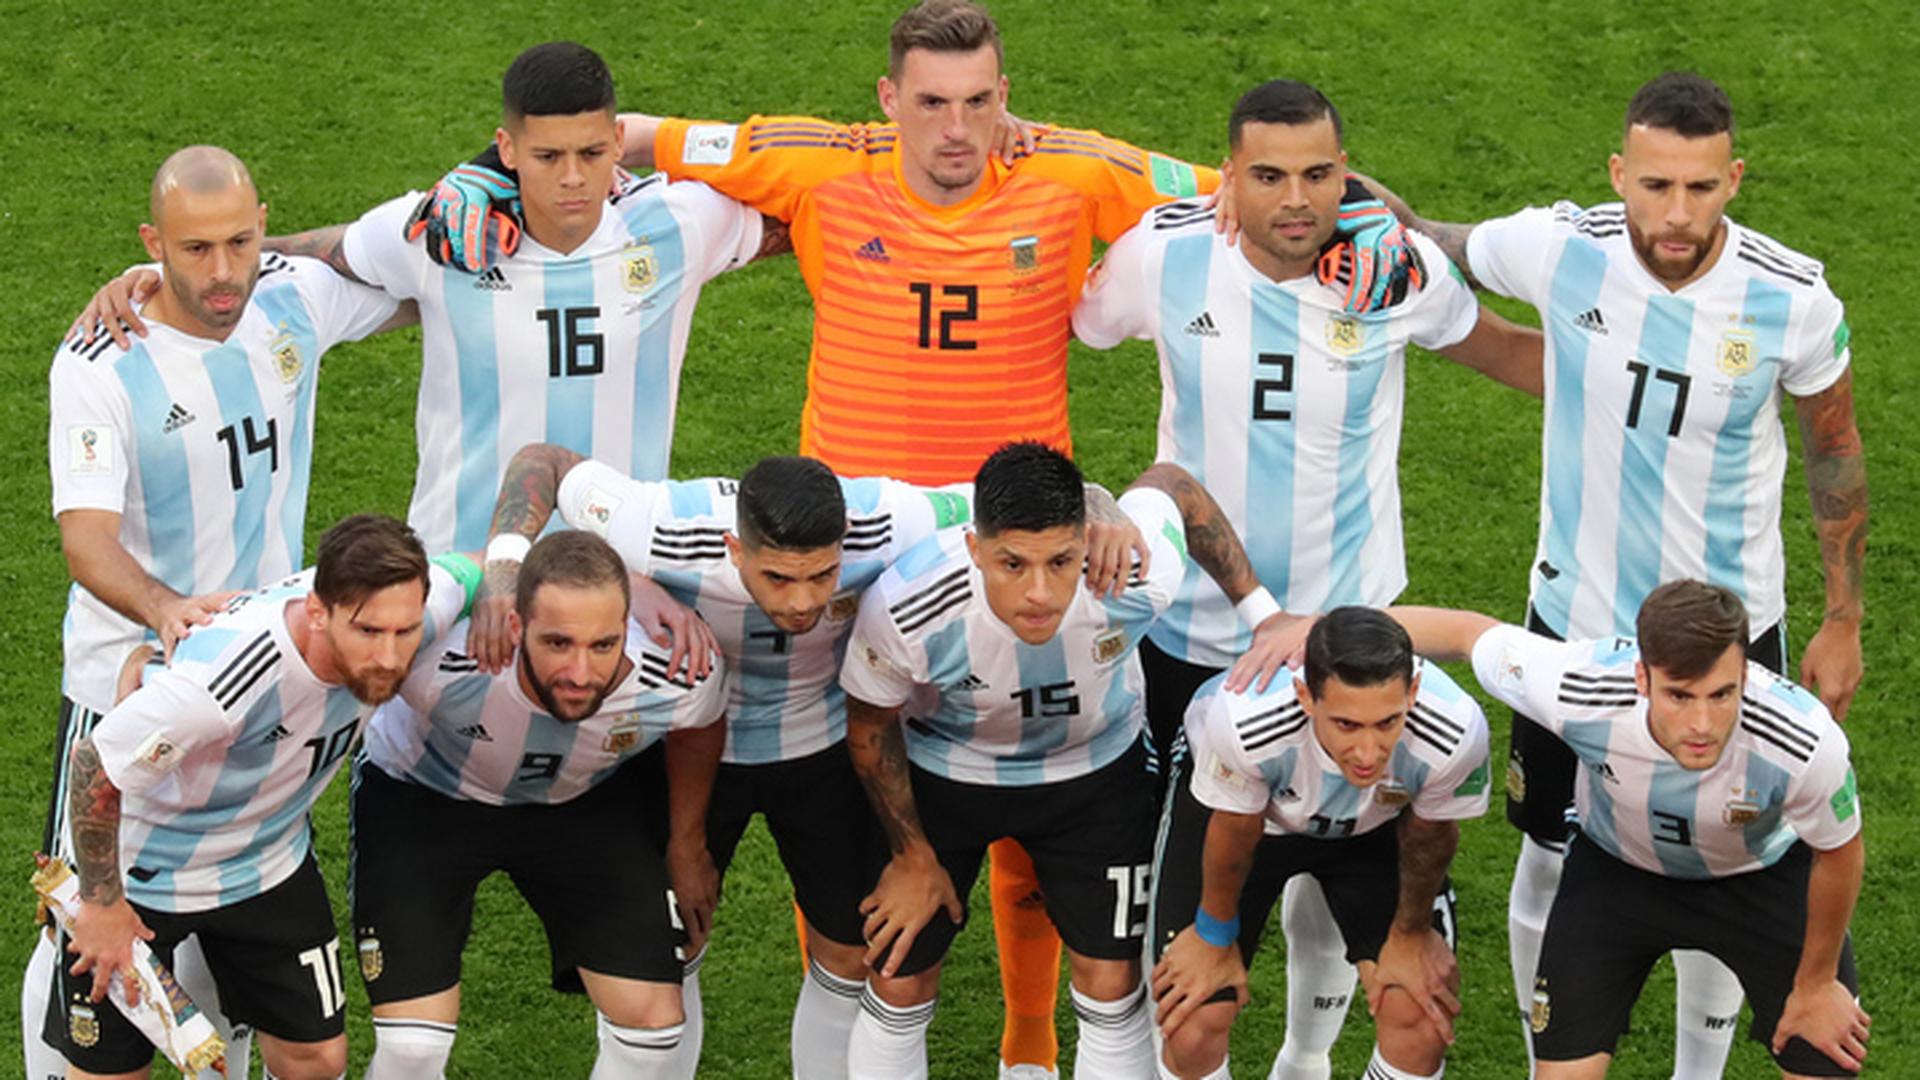 Игуаин и Агуэро остались в запасе сборной Аргентины на матч с Францией